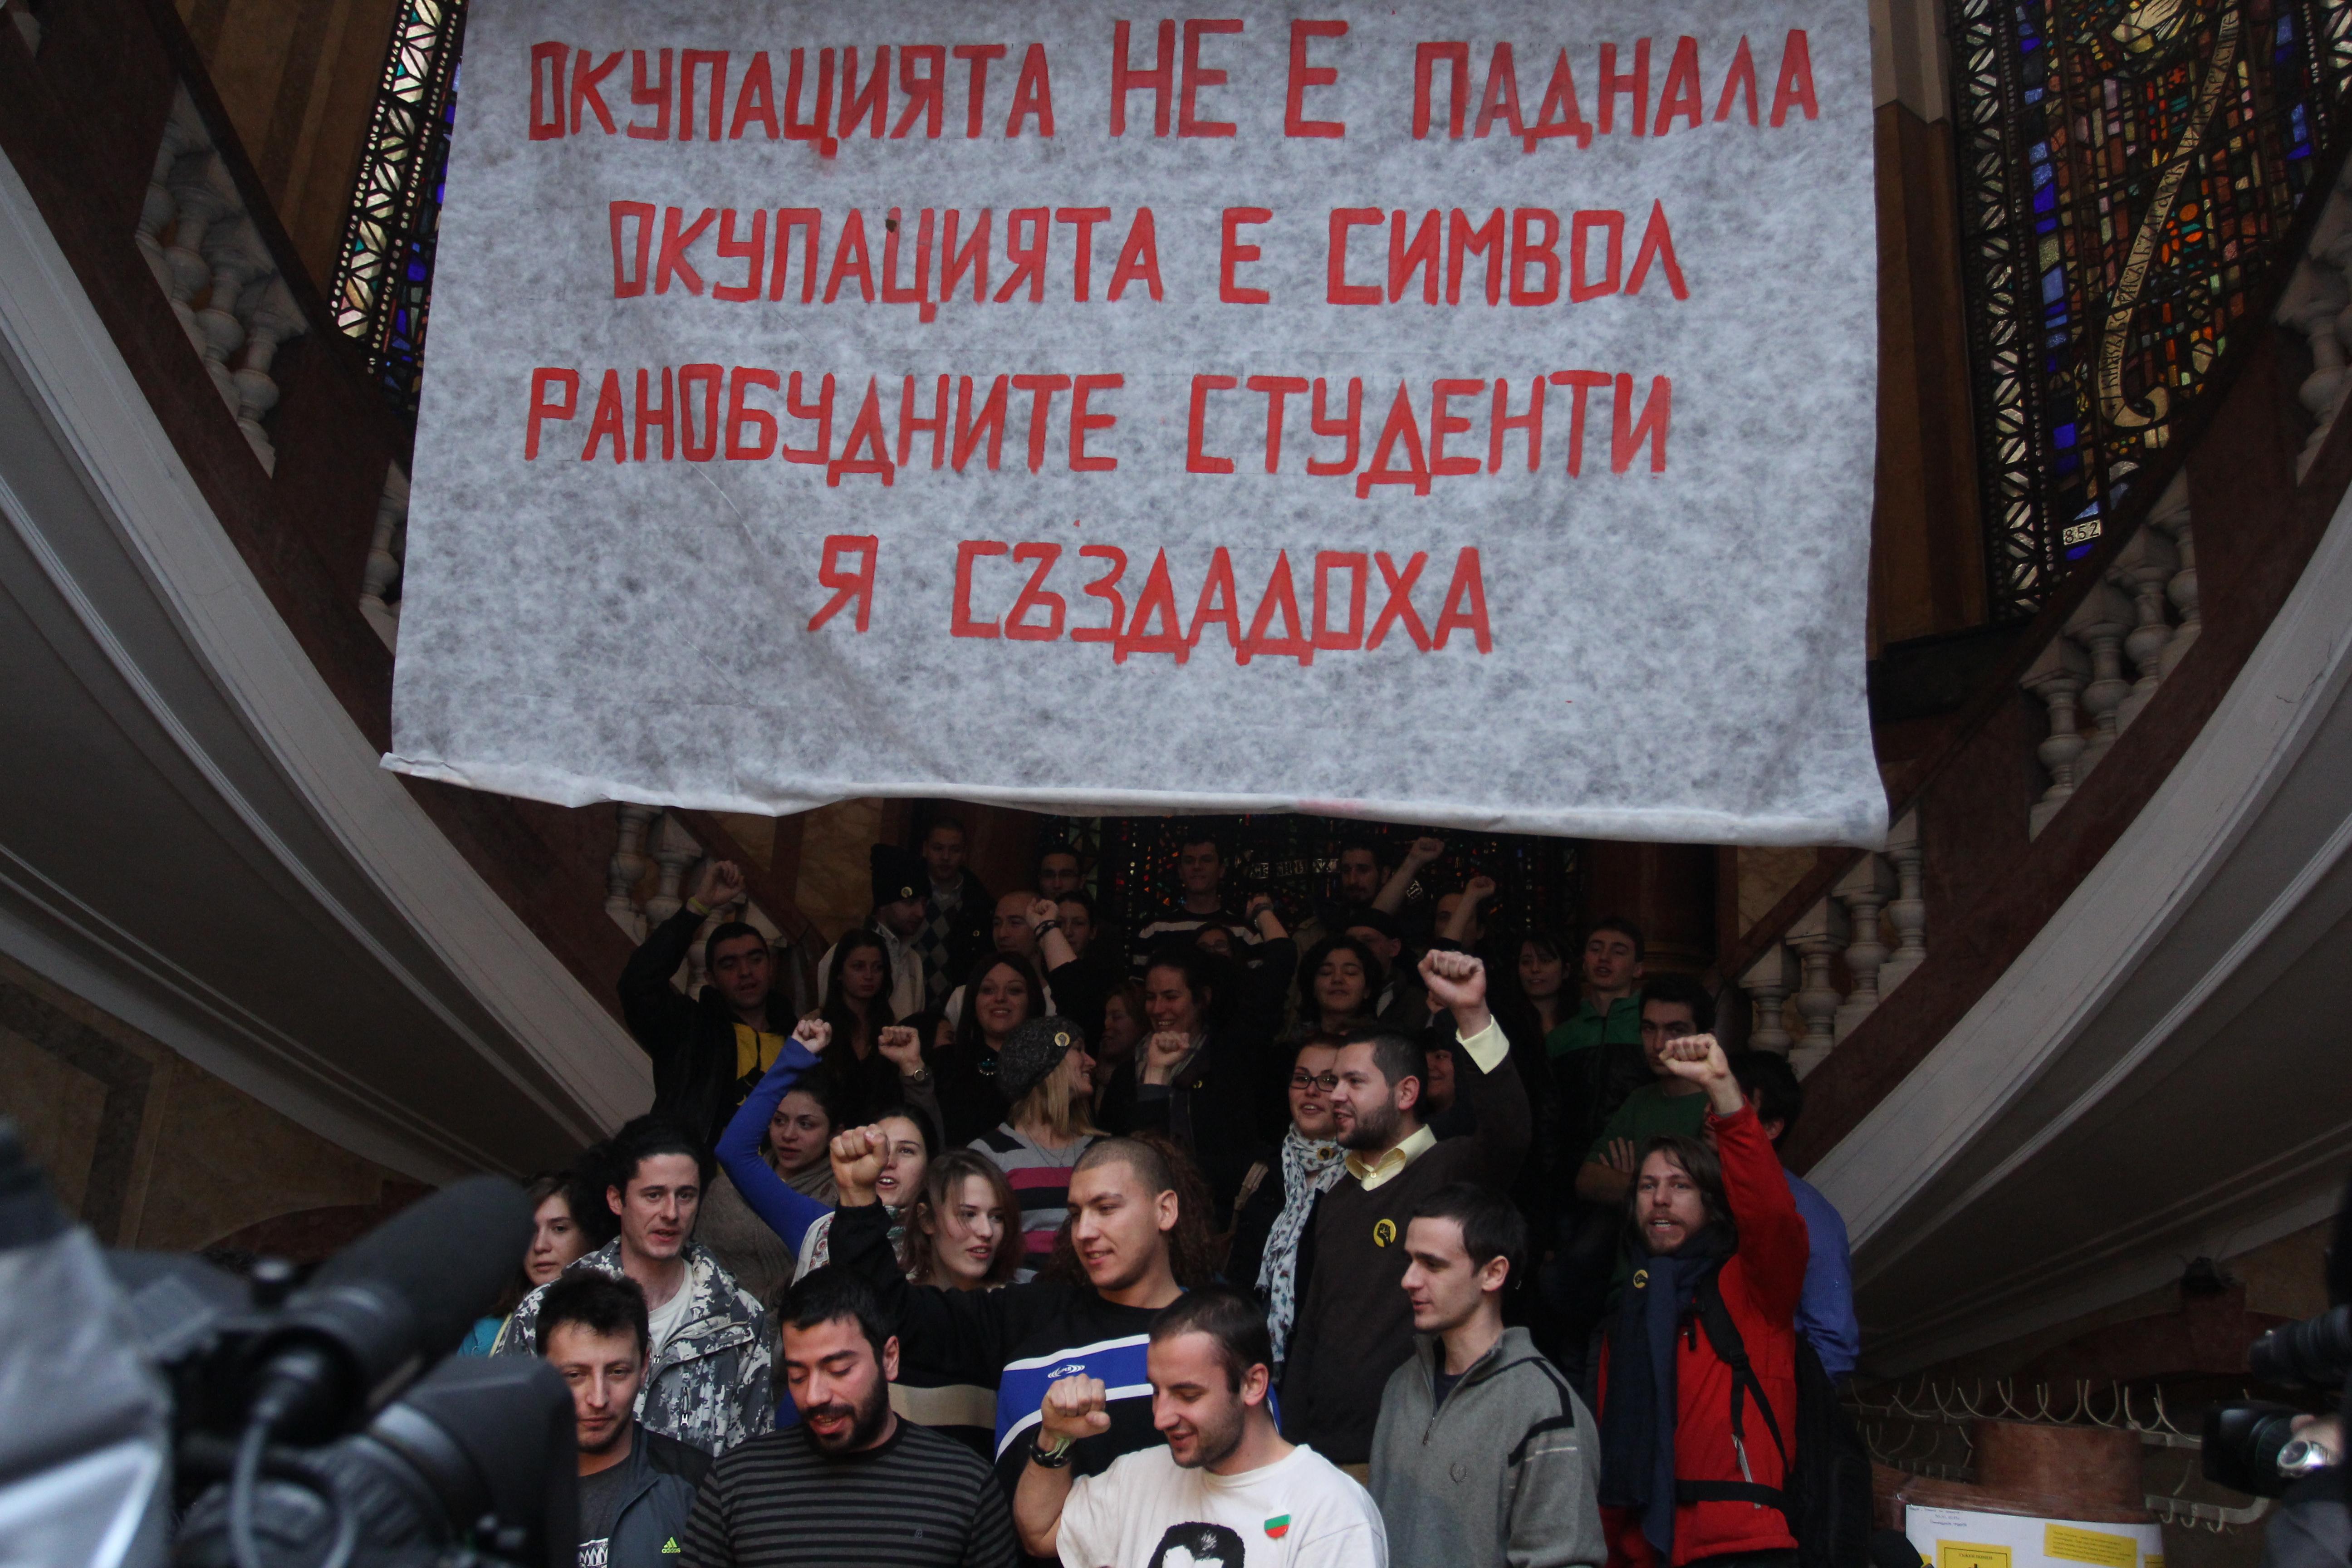 Ранобудните студенти прекратиха окупацията (обновена)